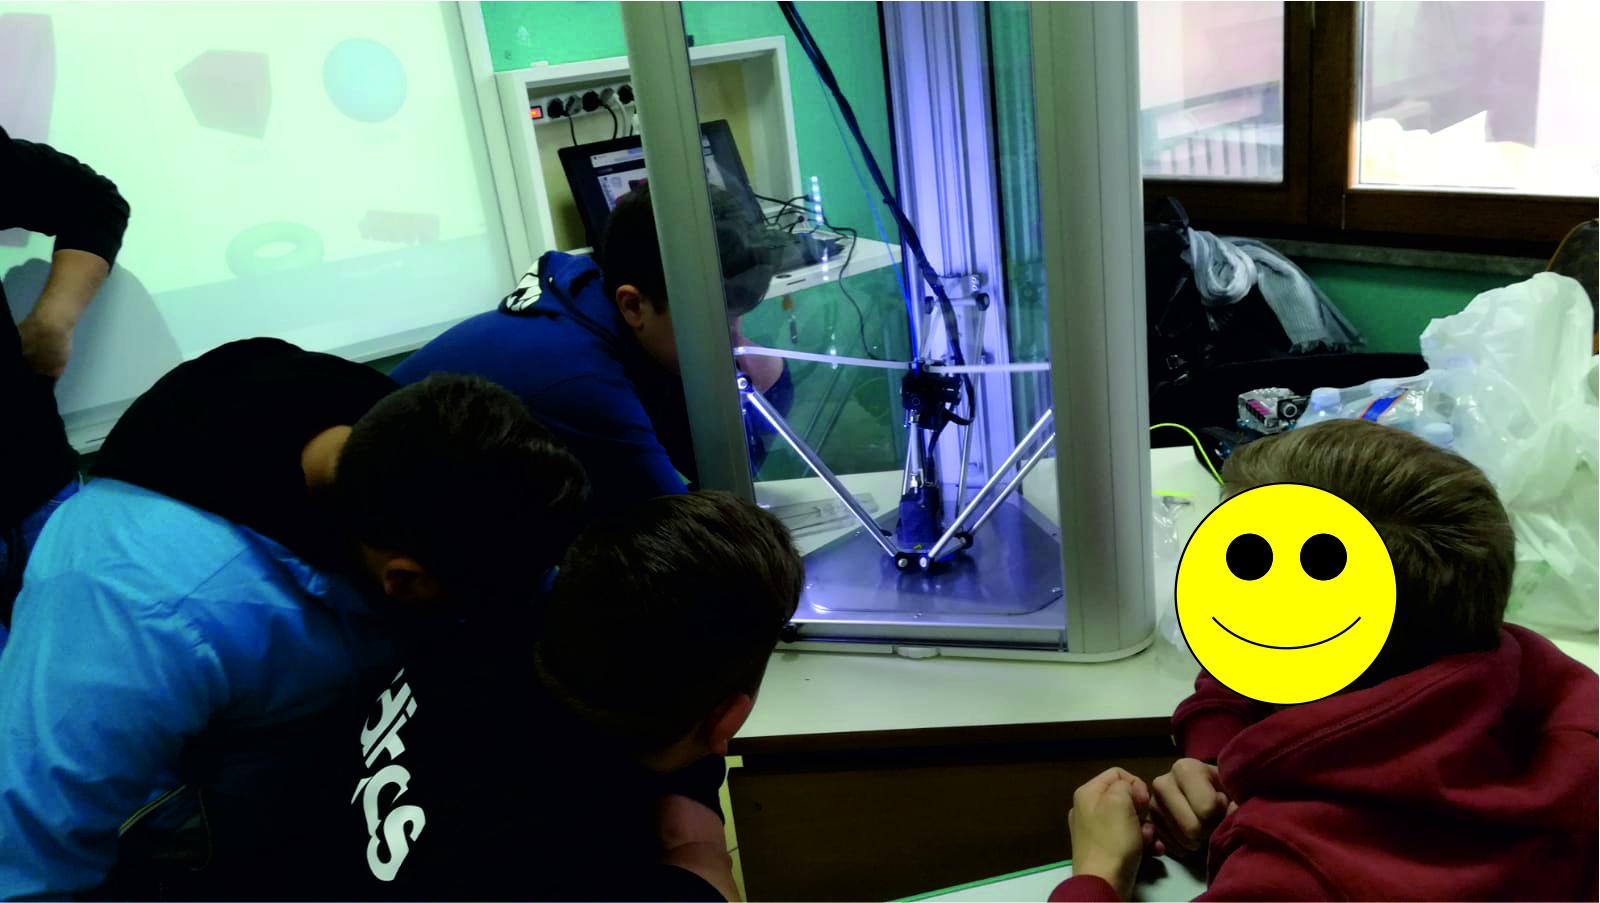 pon-fablab-palermo-scuola-coding-robotica-stampa3d-scratch-sugarcad